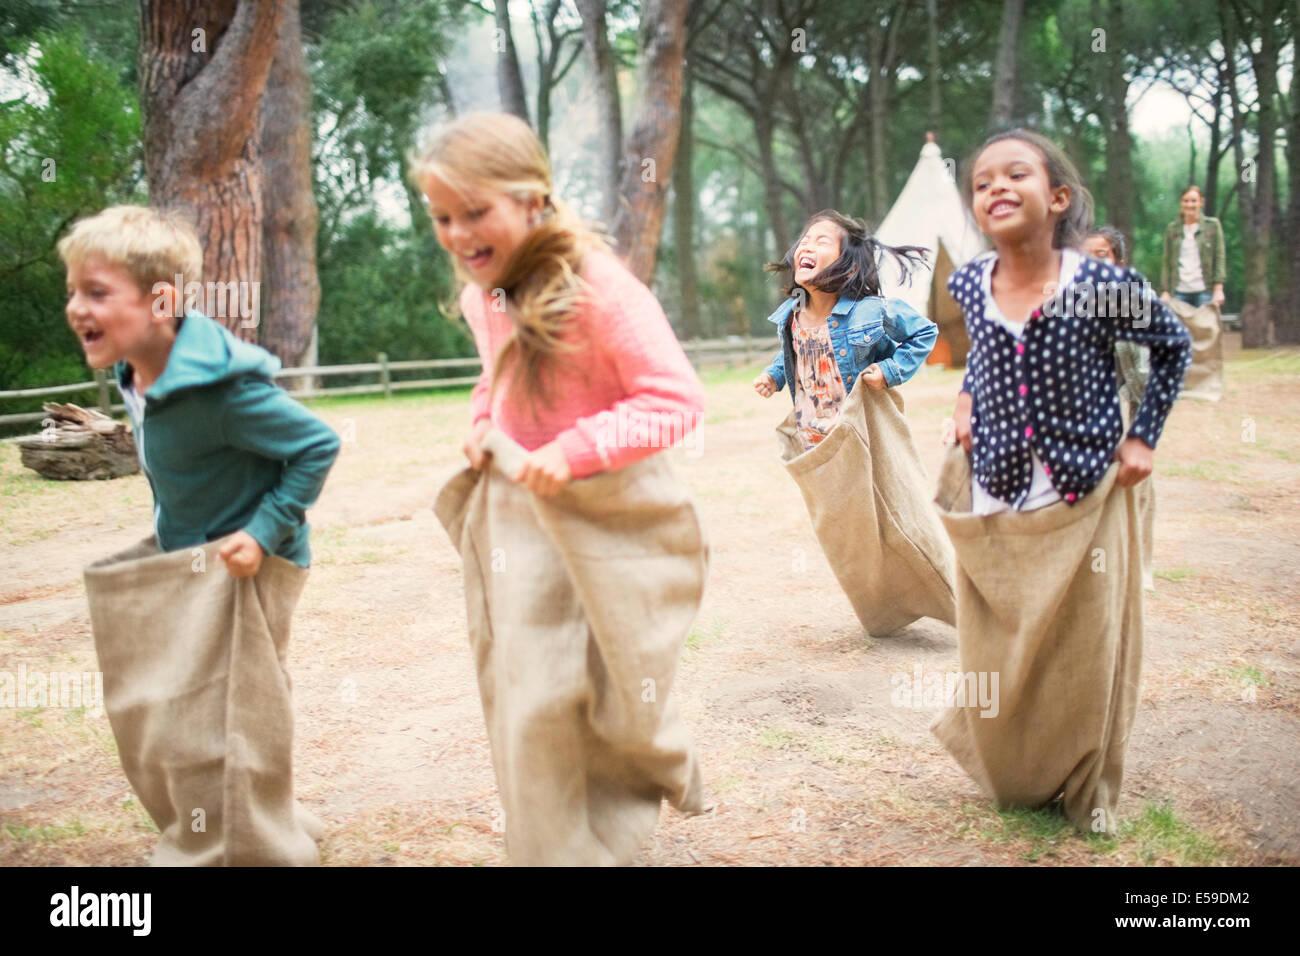 Avoir des enfants dans le champ de course sac Photo Stock